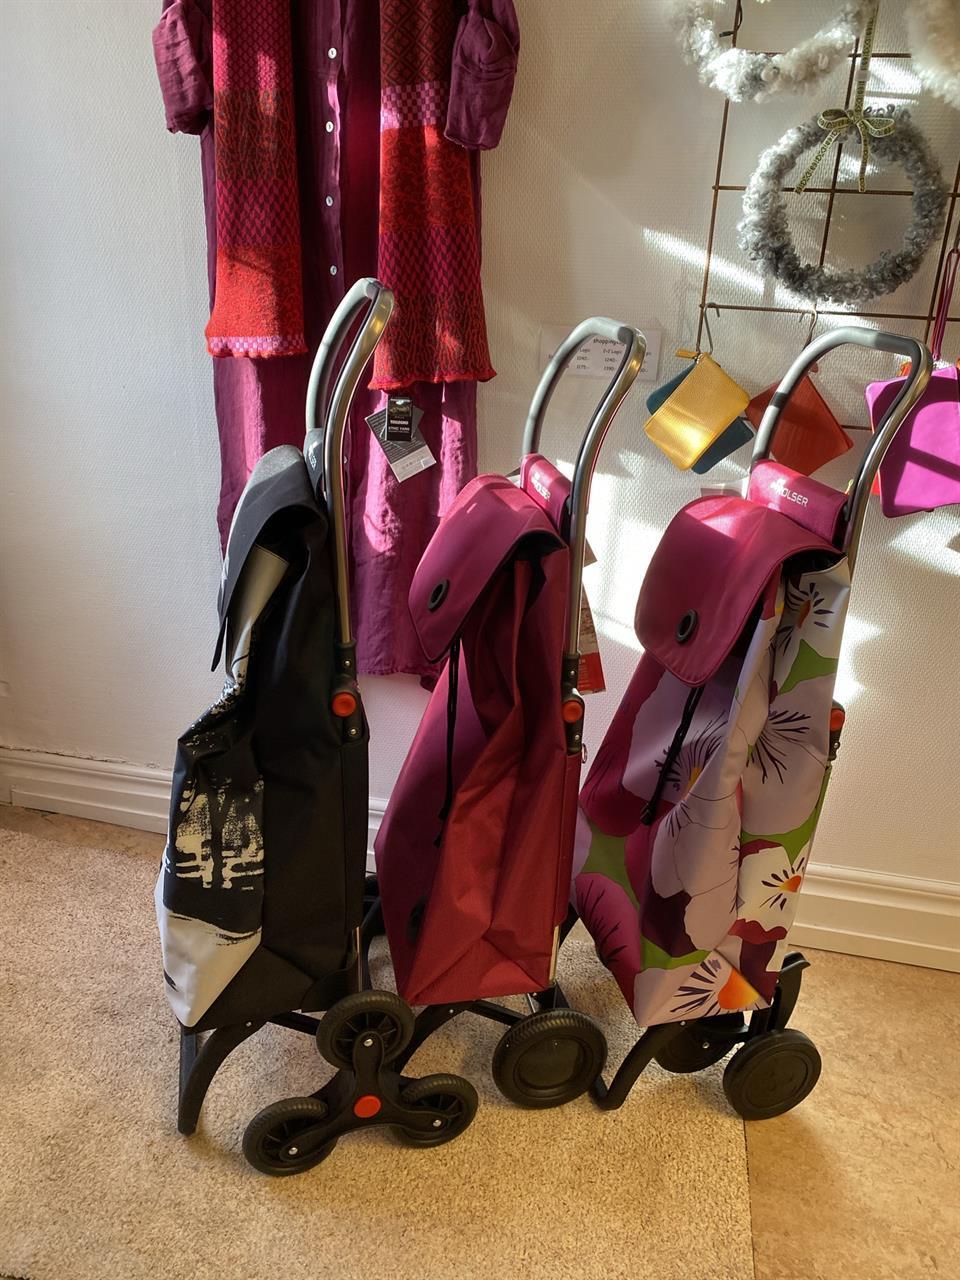 Rolser shoppingvagnar: tvåhjulig, fyrhjulig och sexhjulig trappklättrare